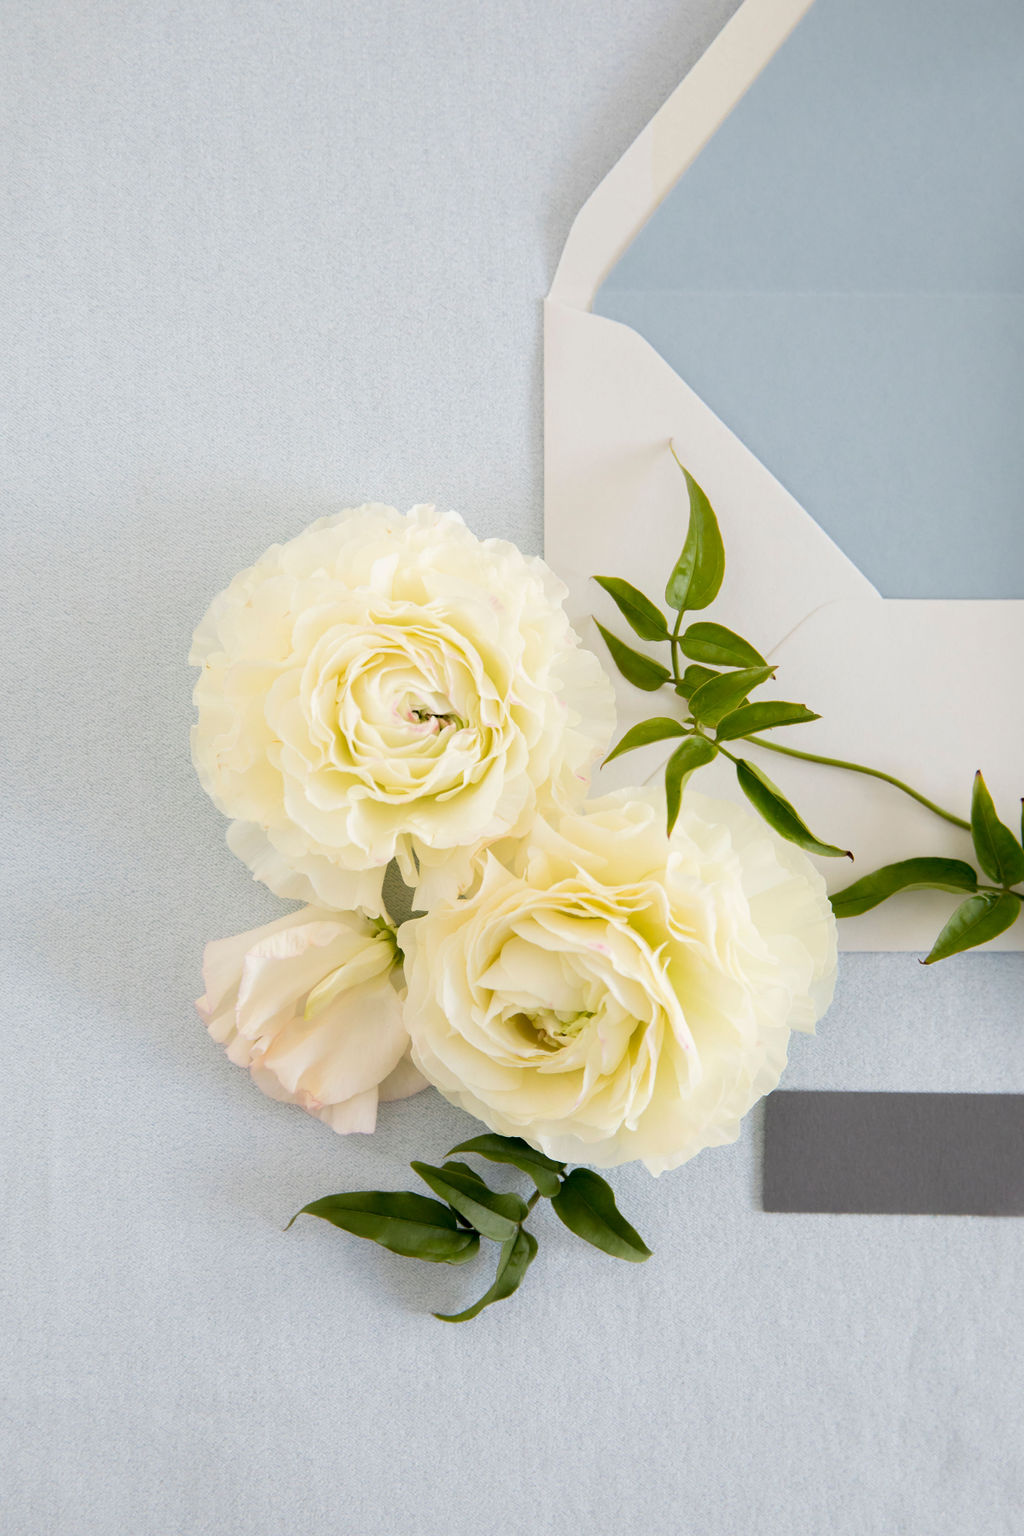 blue wedding details - Leah E. Moss Designs